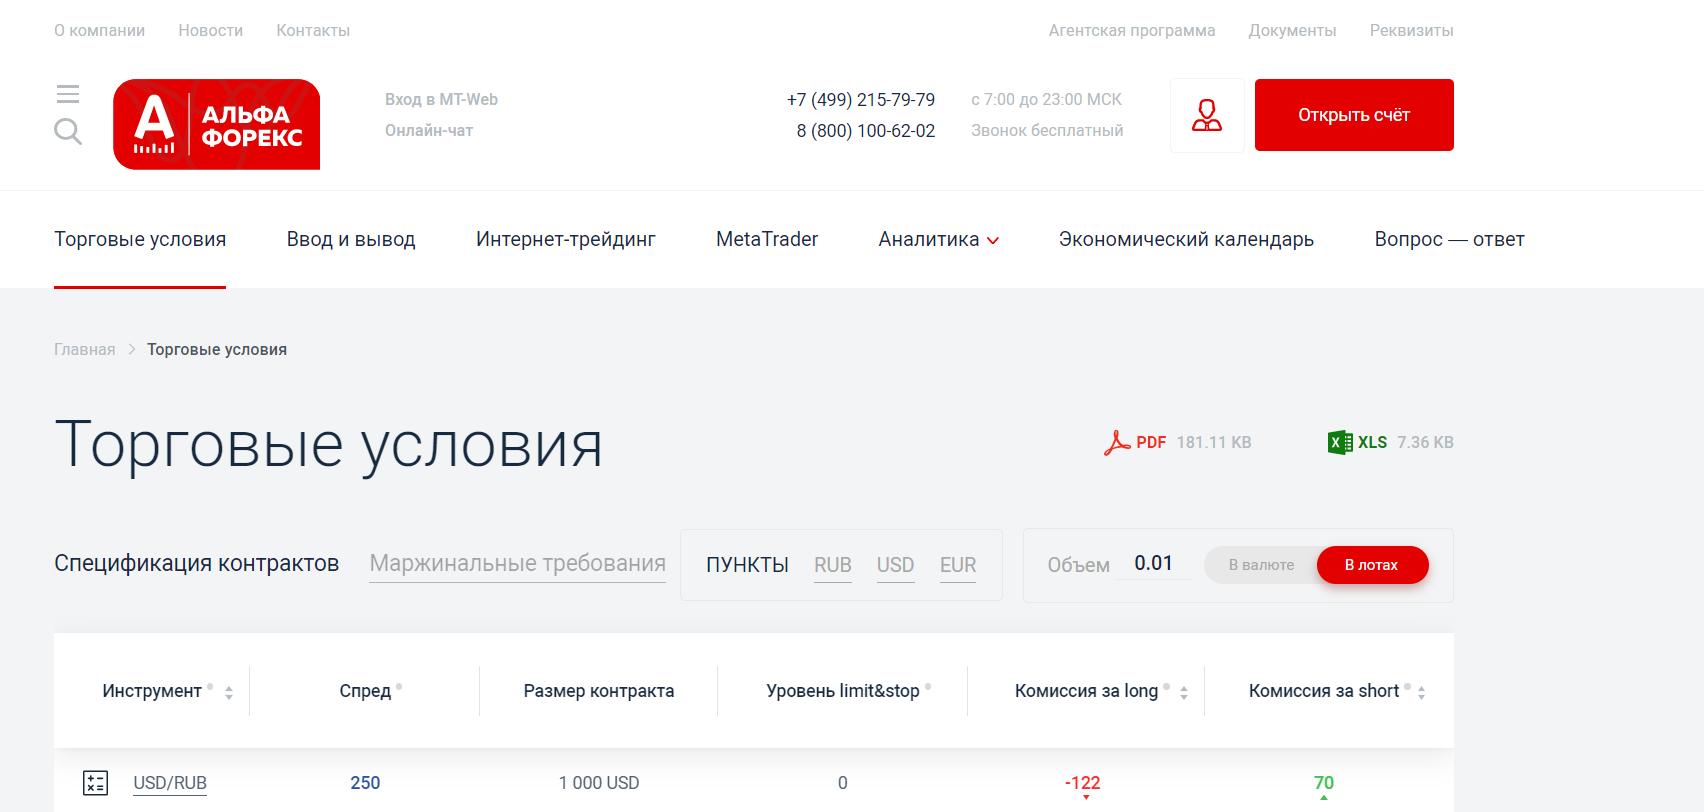 Альфа-Форекс привлекает клиентов стильным и функциональным сайтом